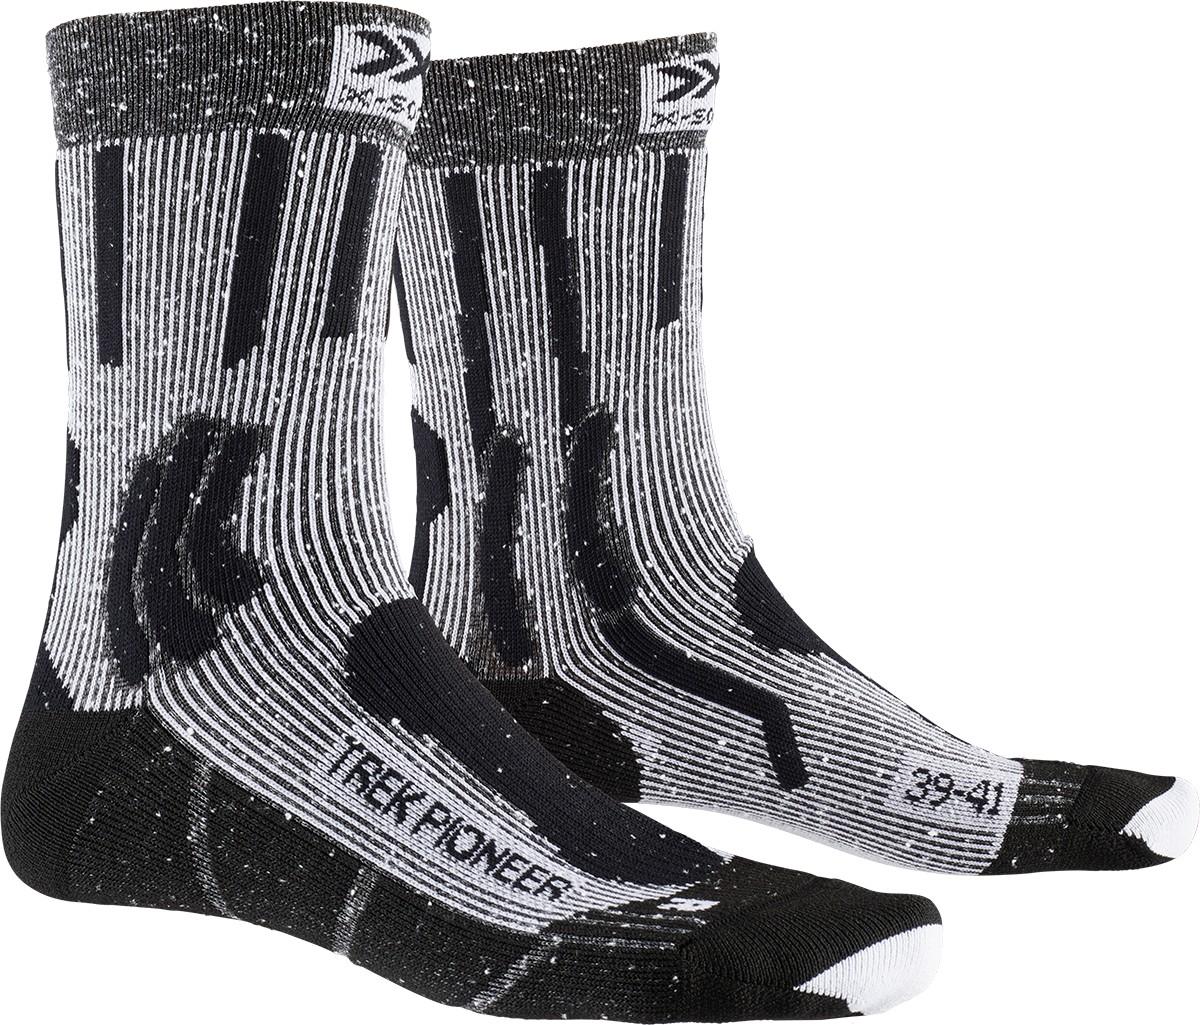 Trek Pioneer Socks